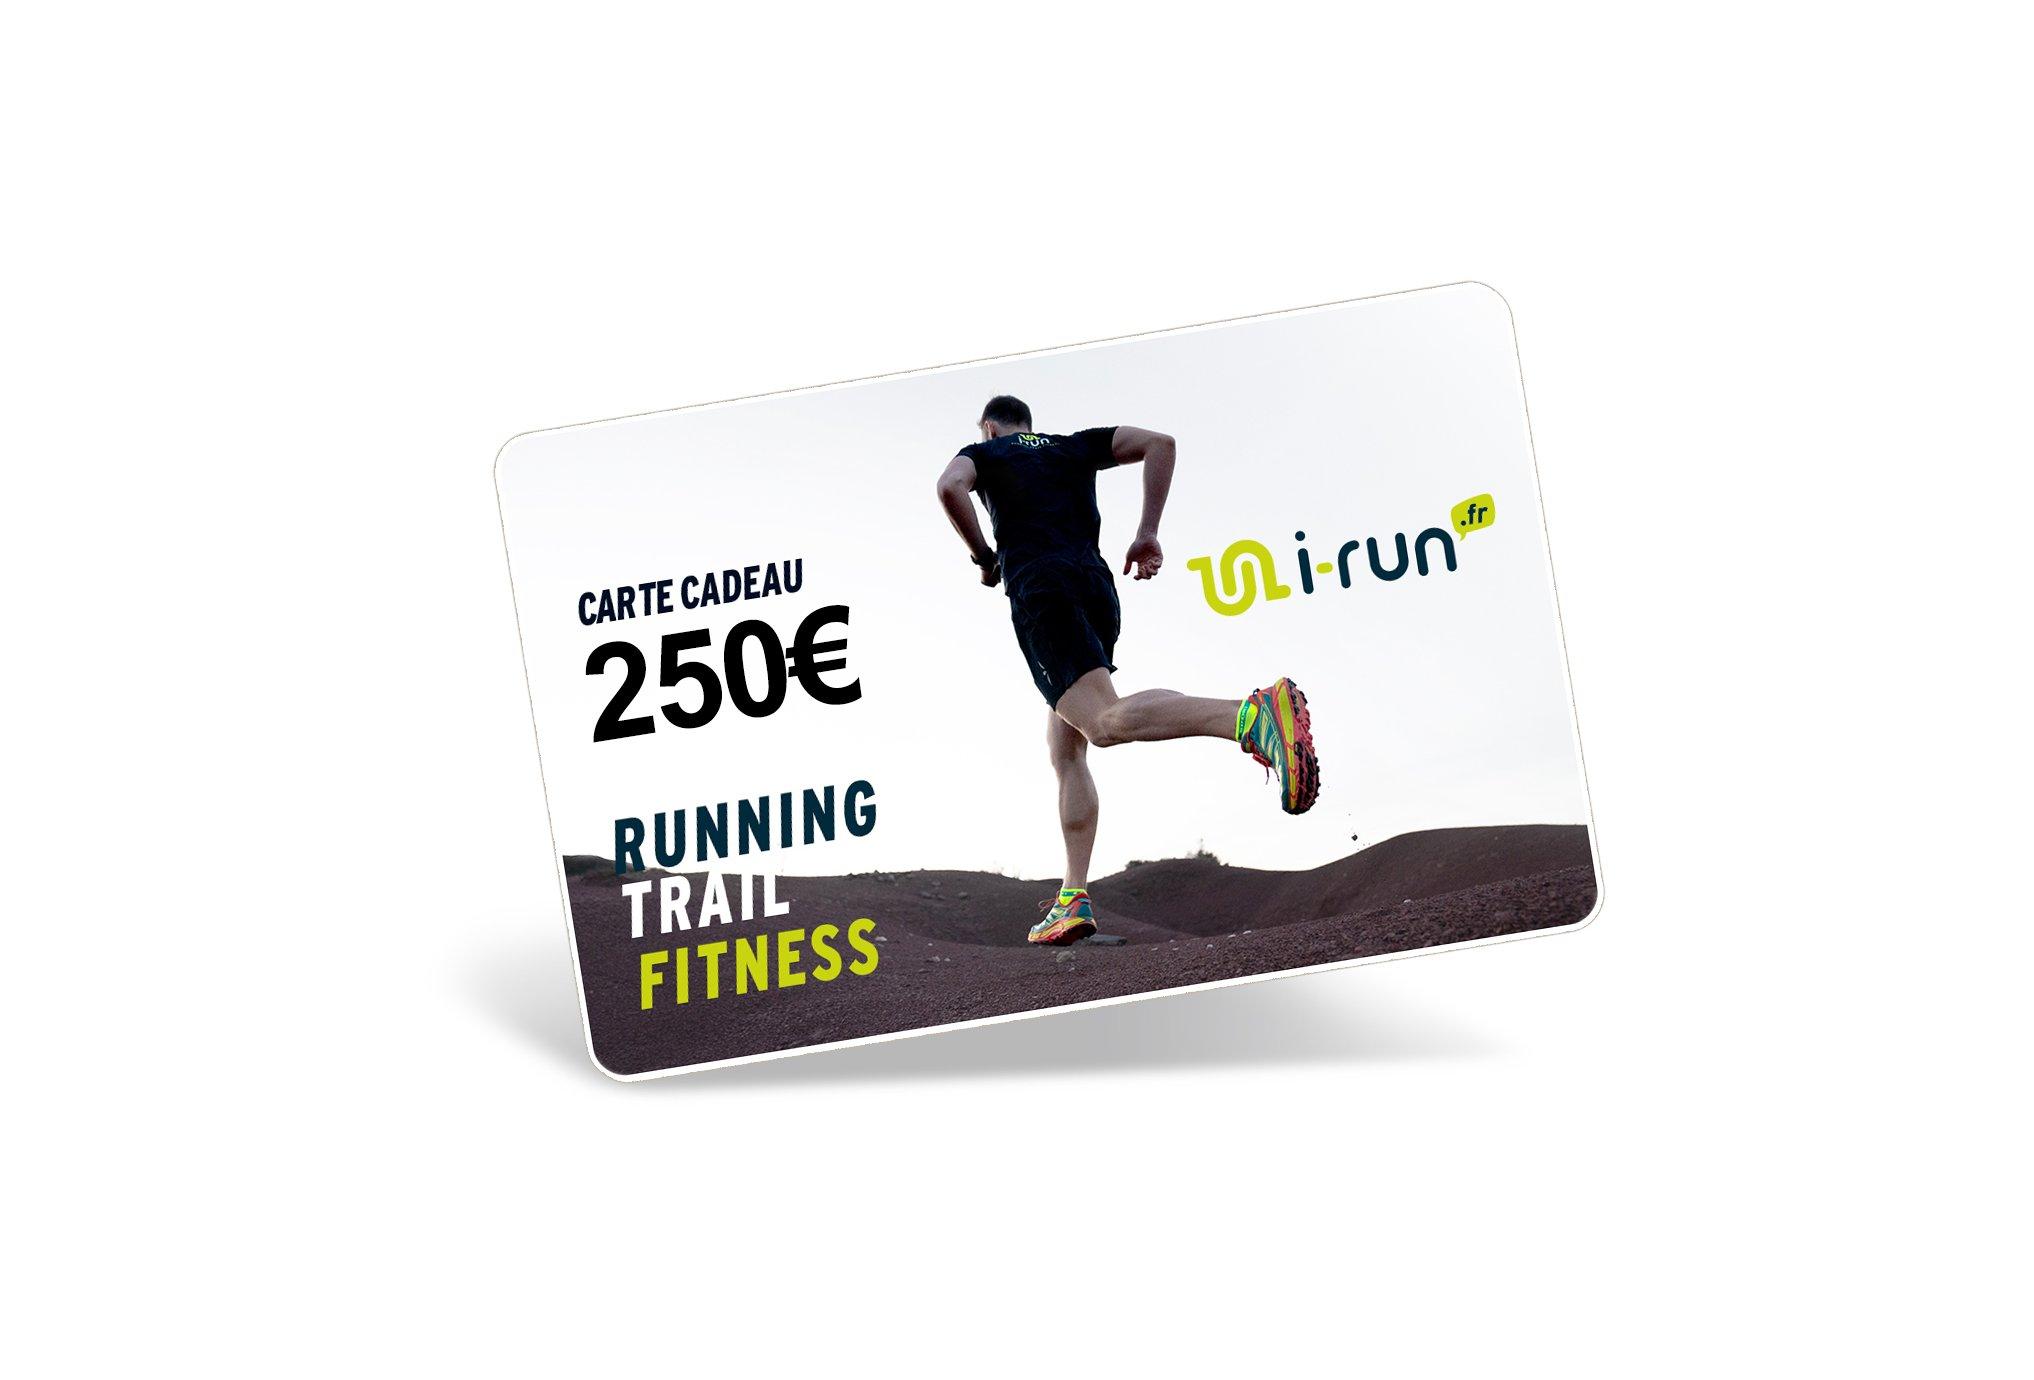 i-run.fr Carte Cadeau 250 M Cartes Cadeau